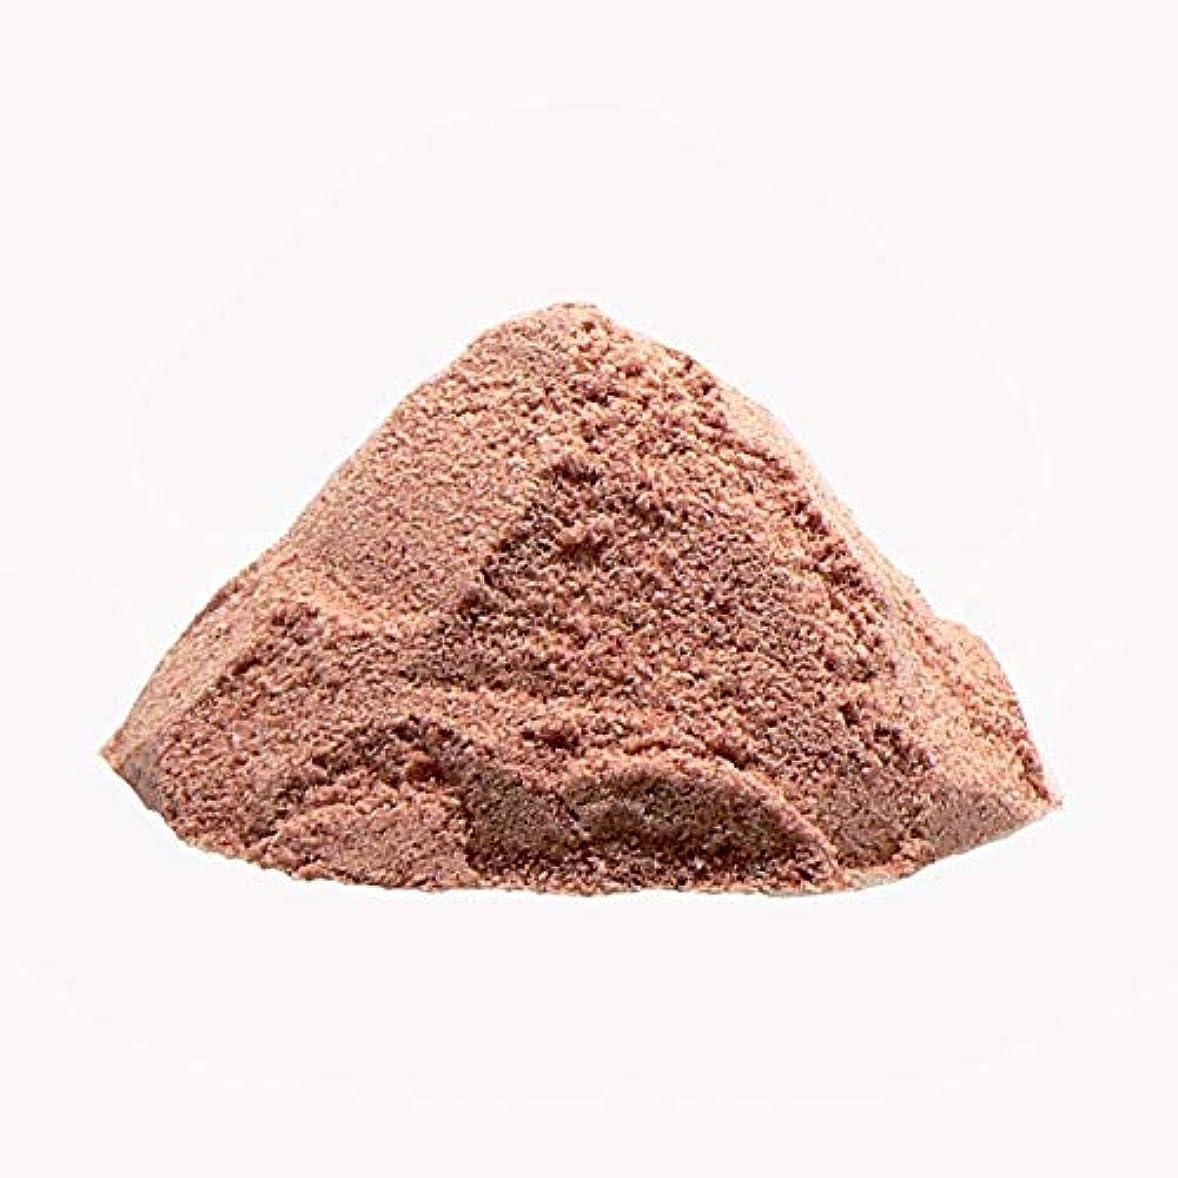 対角線カーテンボールヒマラヤ岩塩 プレミアム ルビーソルト バスソルト(パウダー)ネパール産 ルビー岩塩 (600g×2個セット)